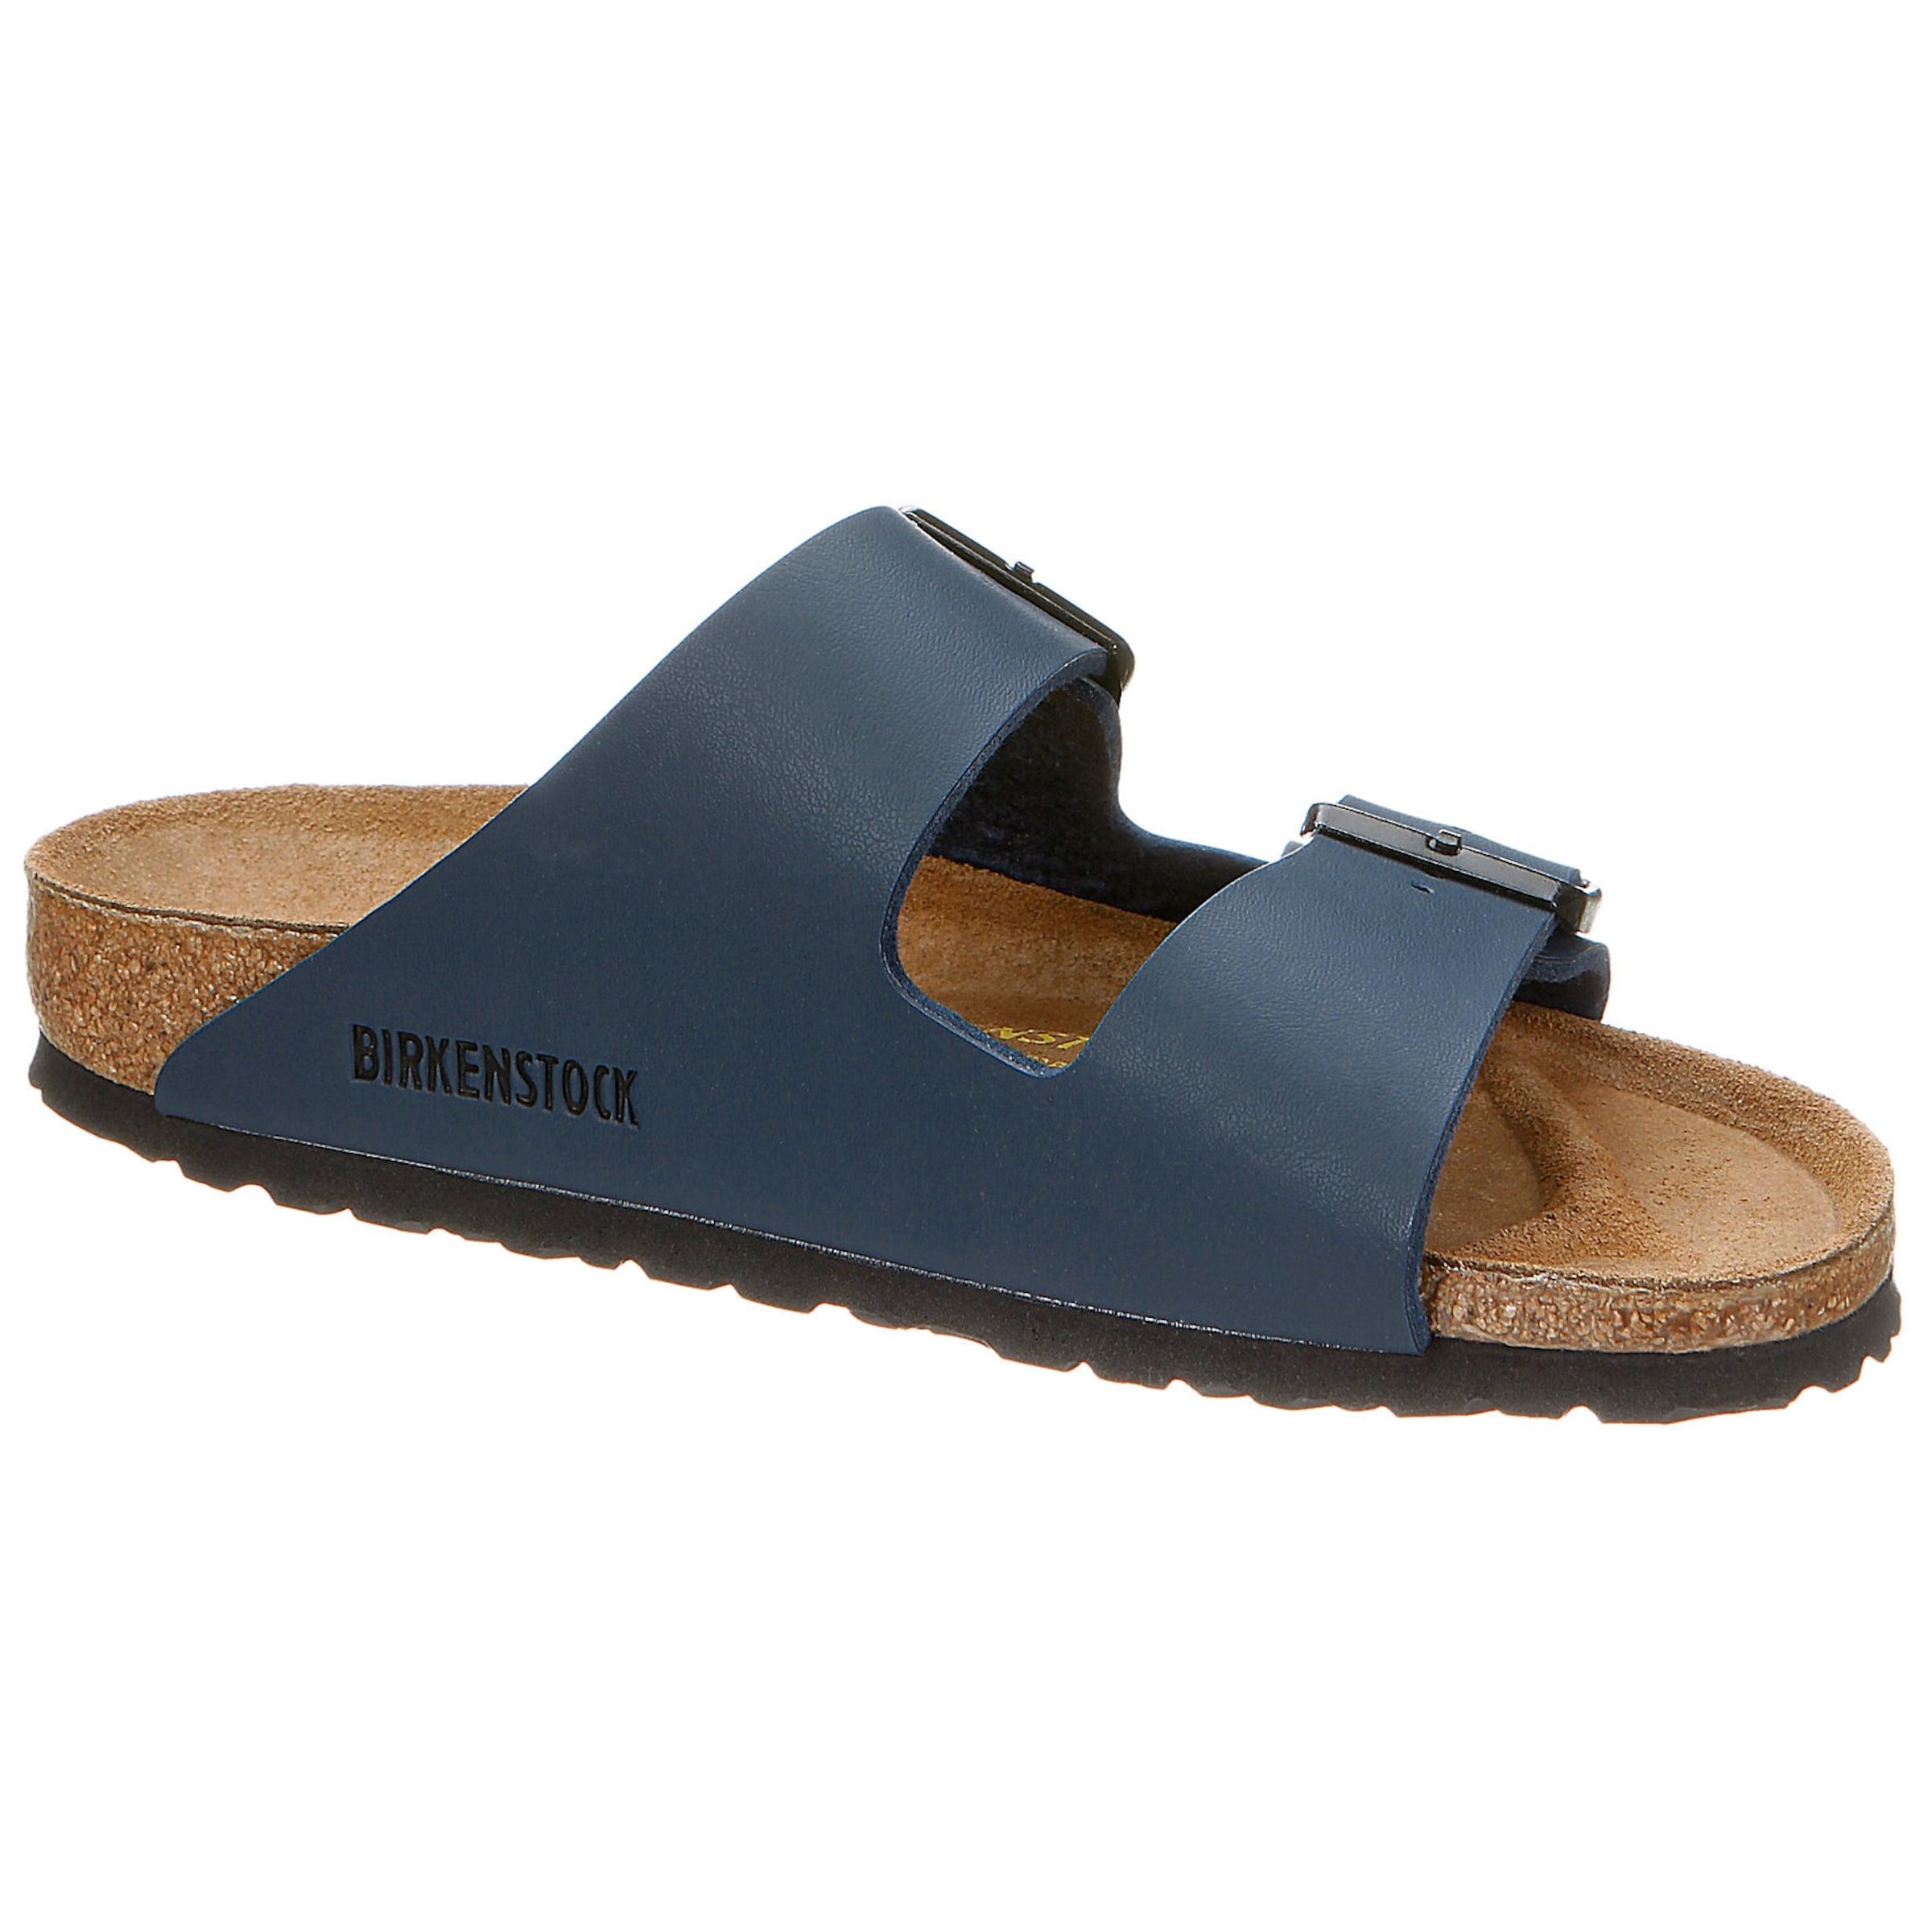 Birkenstock In Sandale 'arizona' Birkenstock 'arizona' 'arizona' Sandale Blau Sandale Birkenstock In Blau 3jL4R5Aq